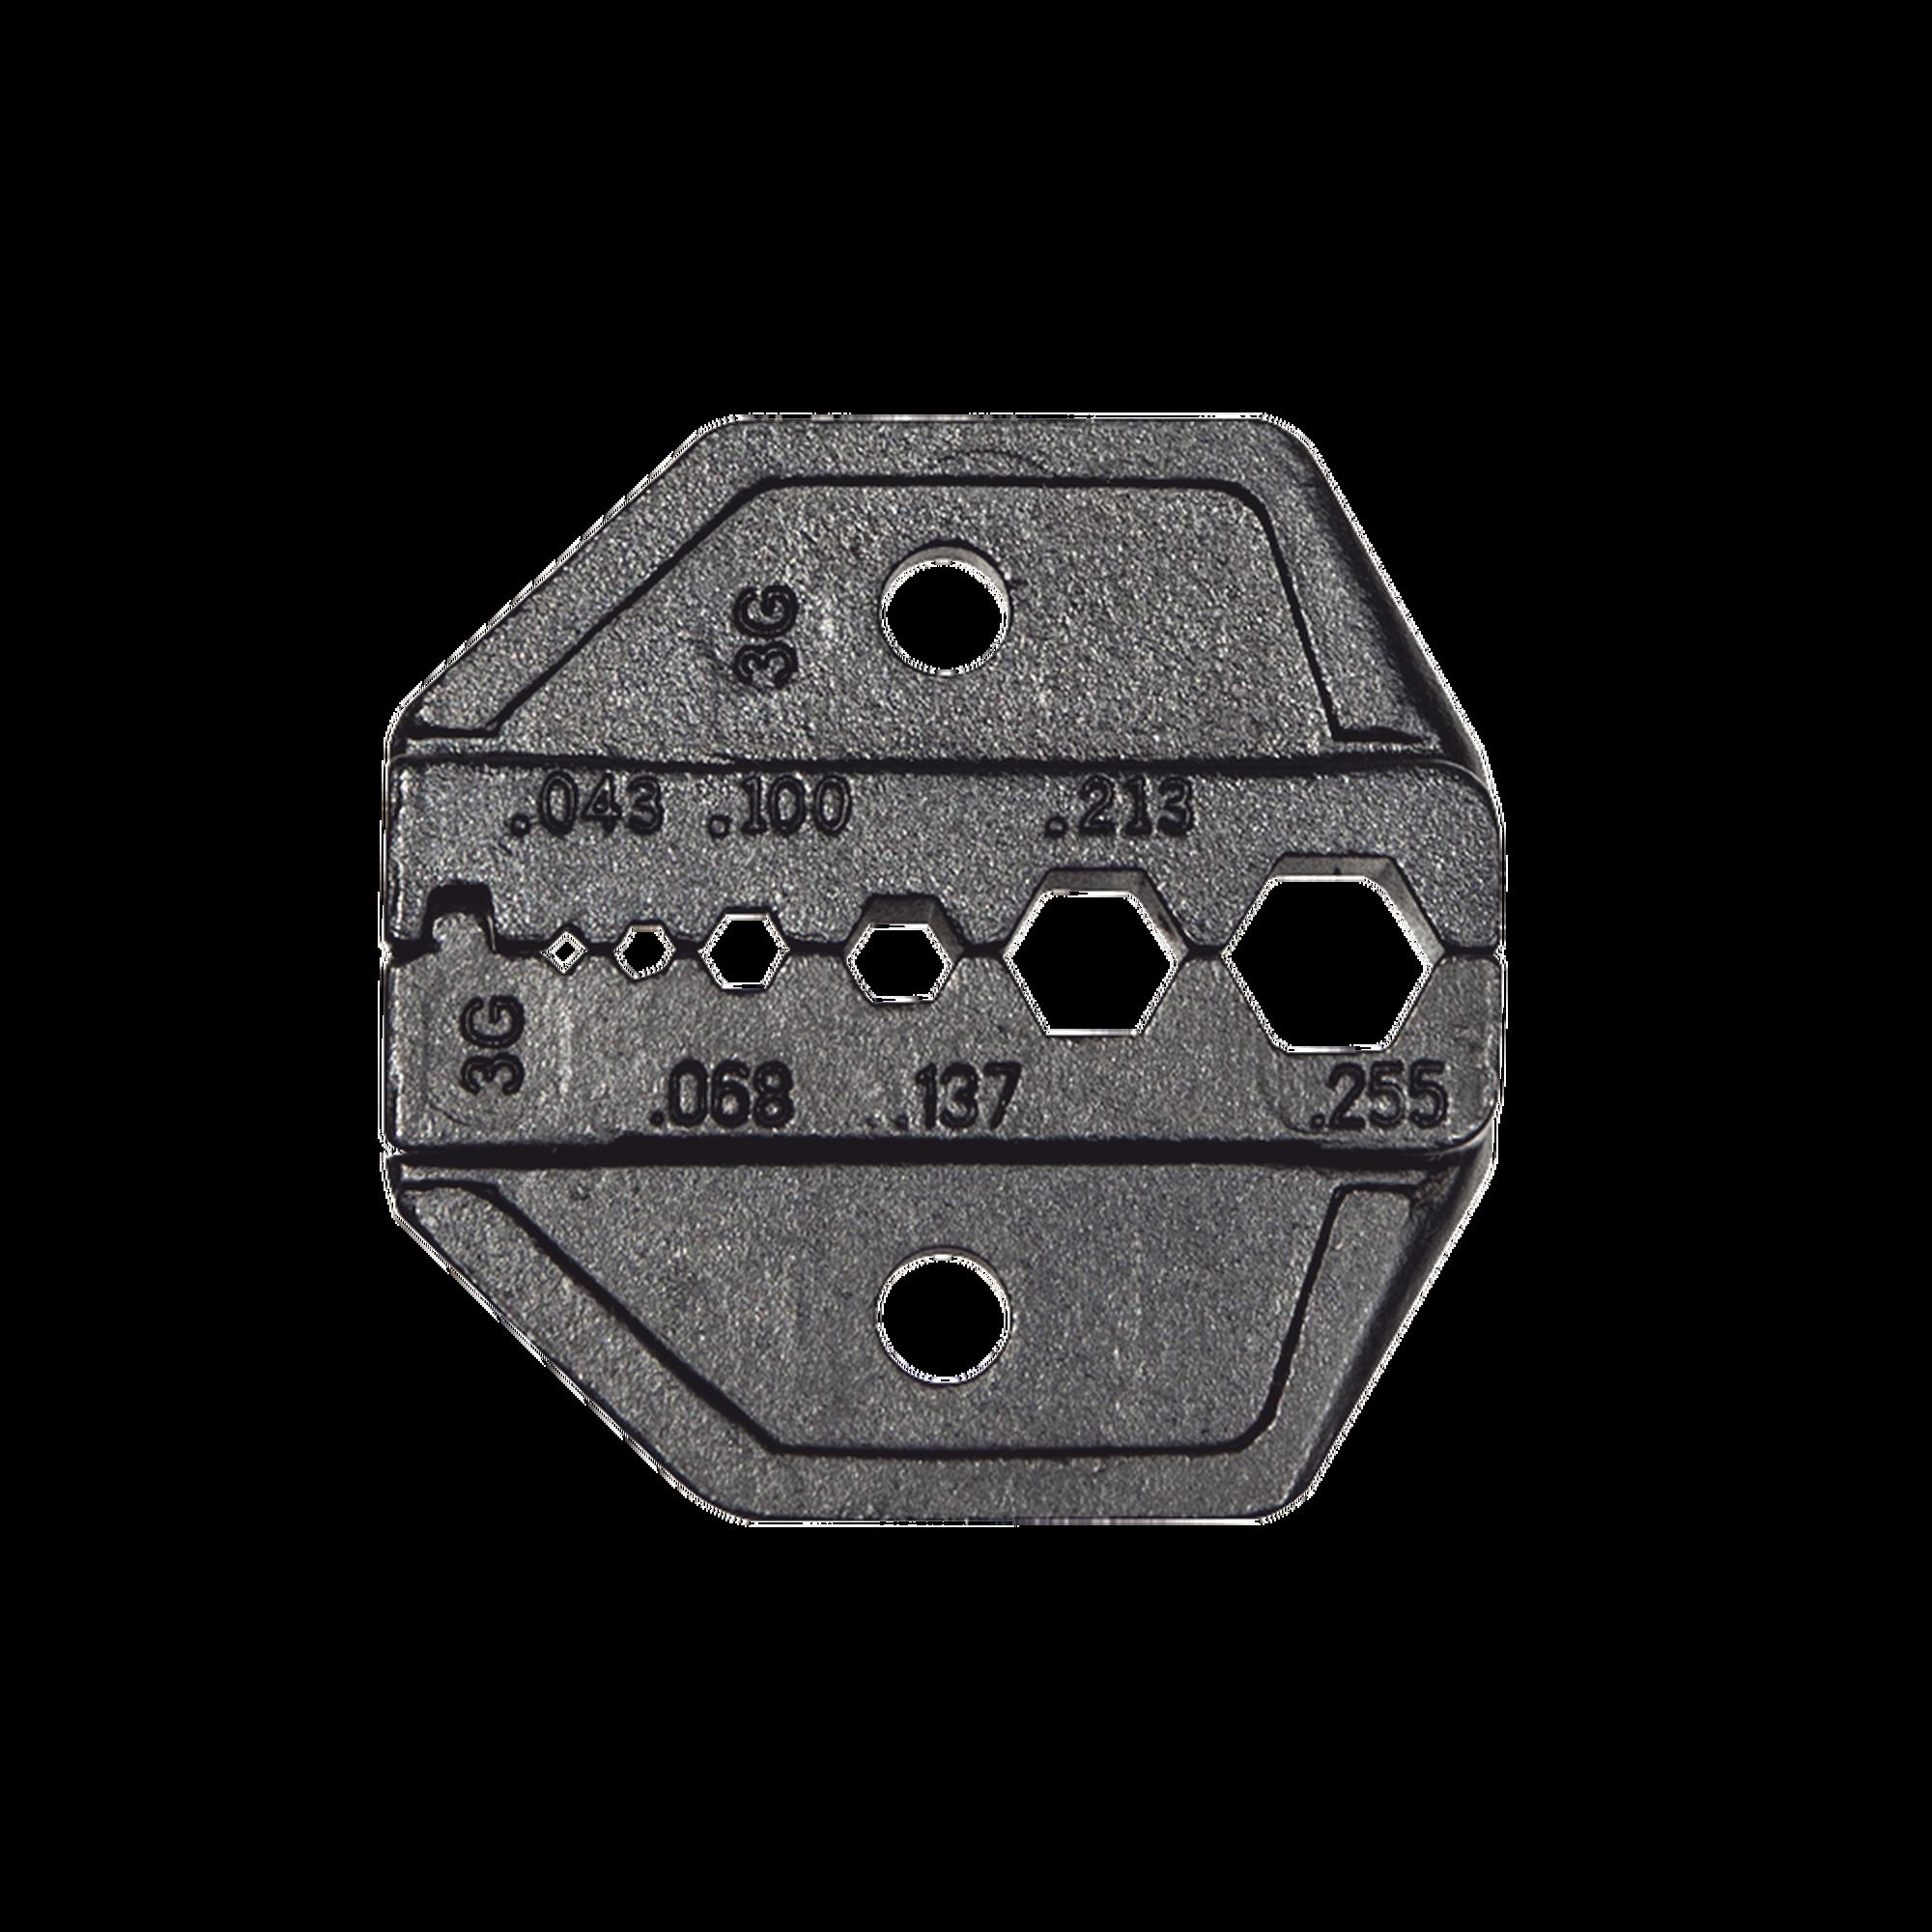 Matriz Ponchadora para RG58, RG59, RG62 y  RG174.